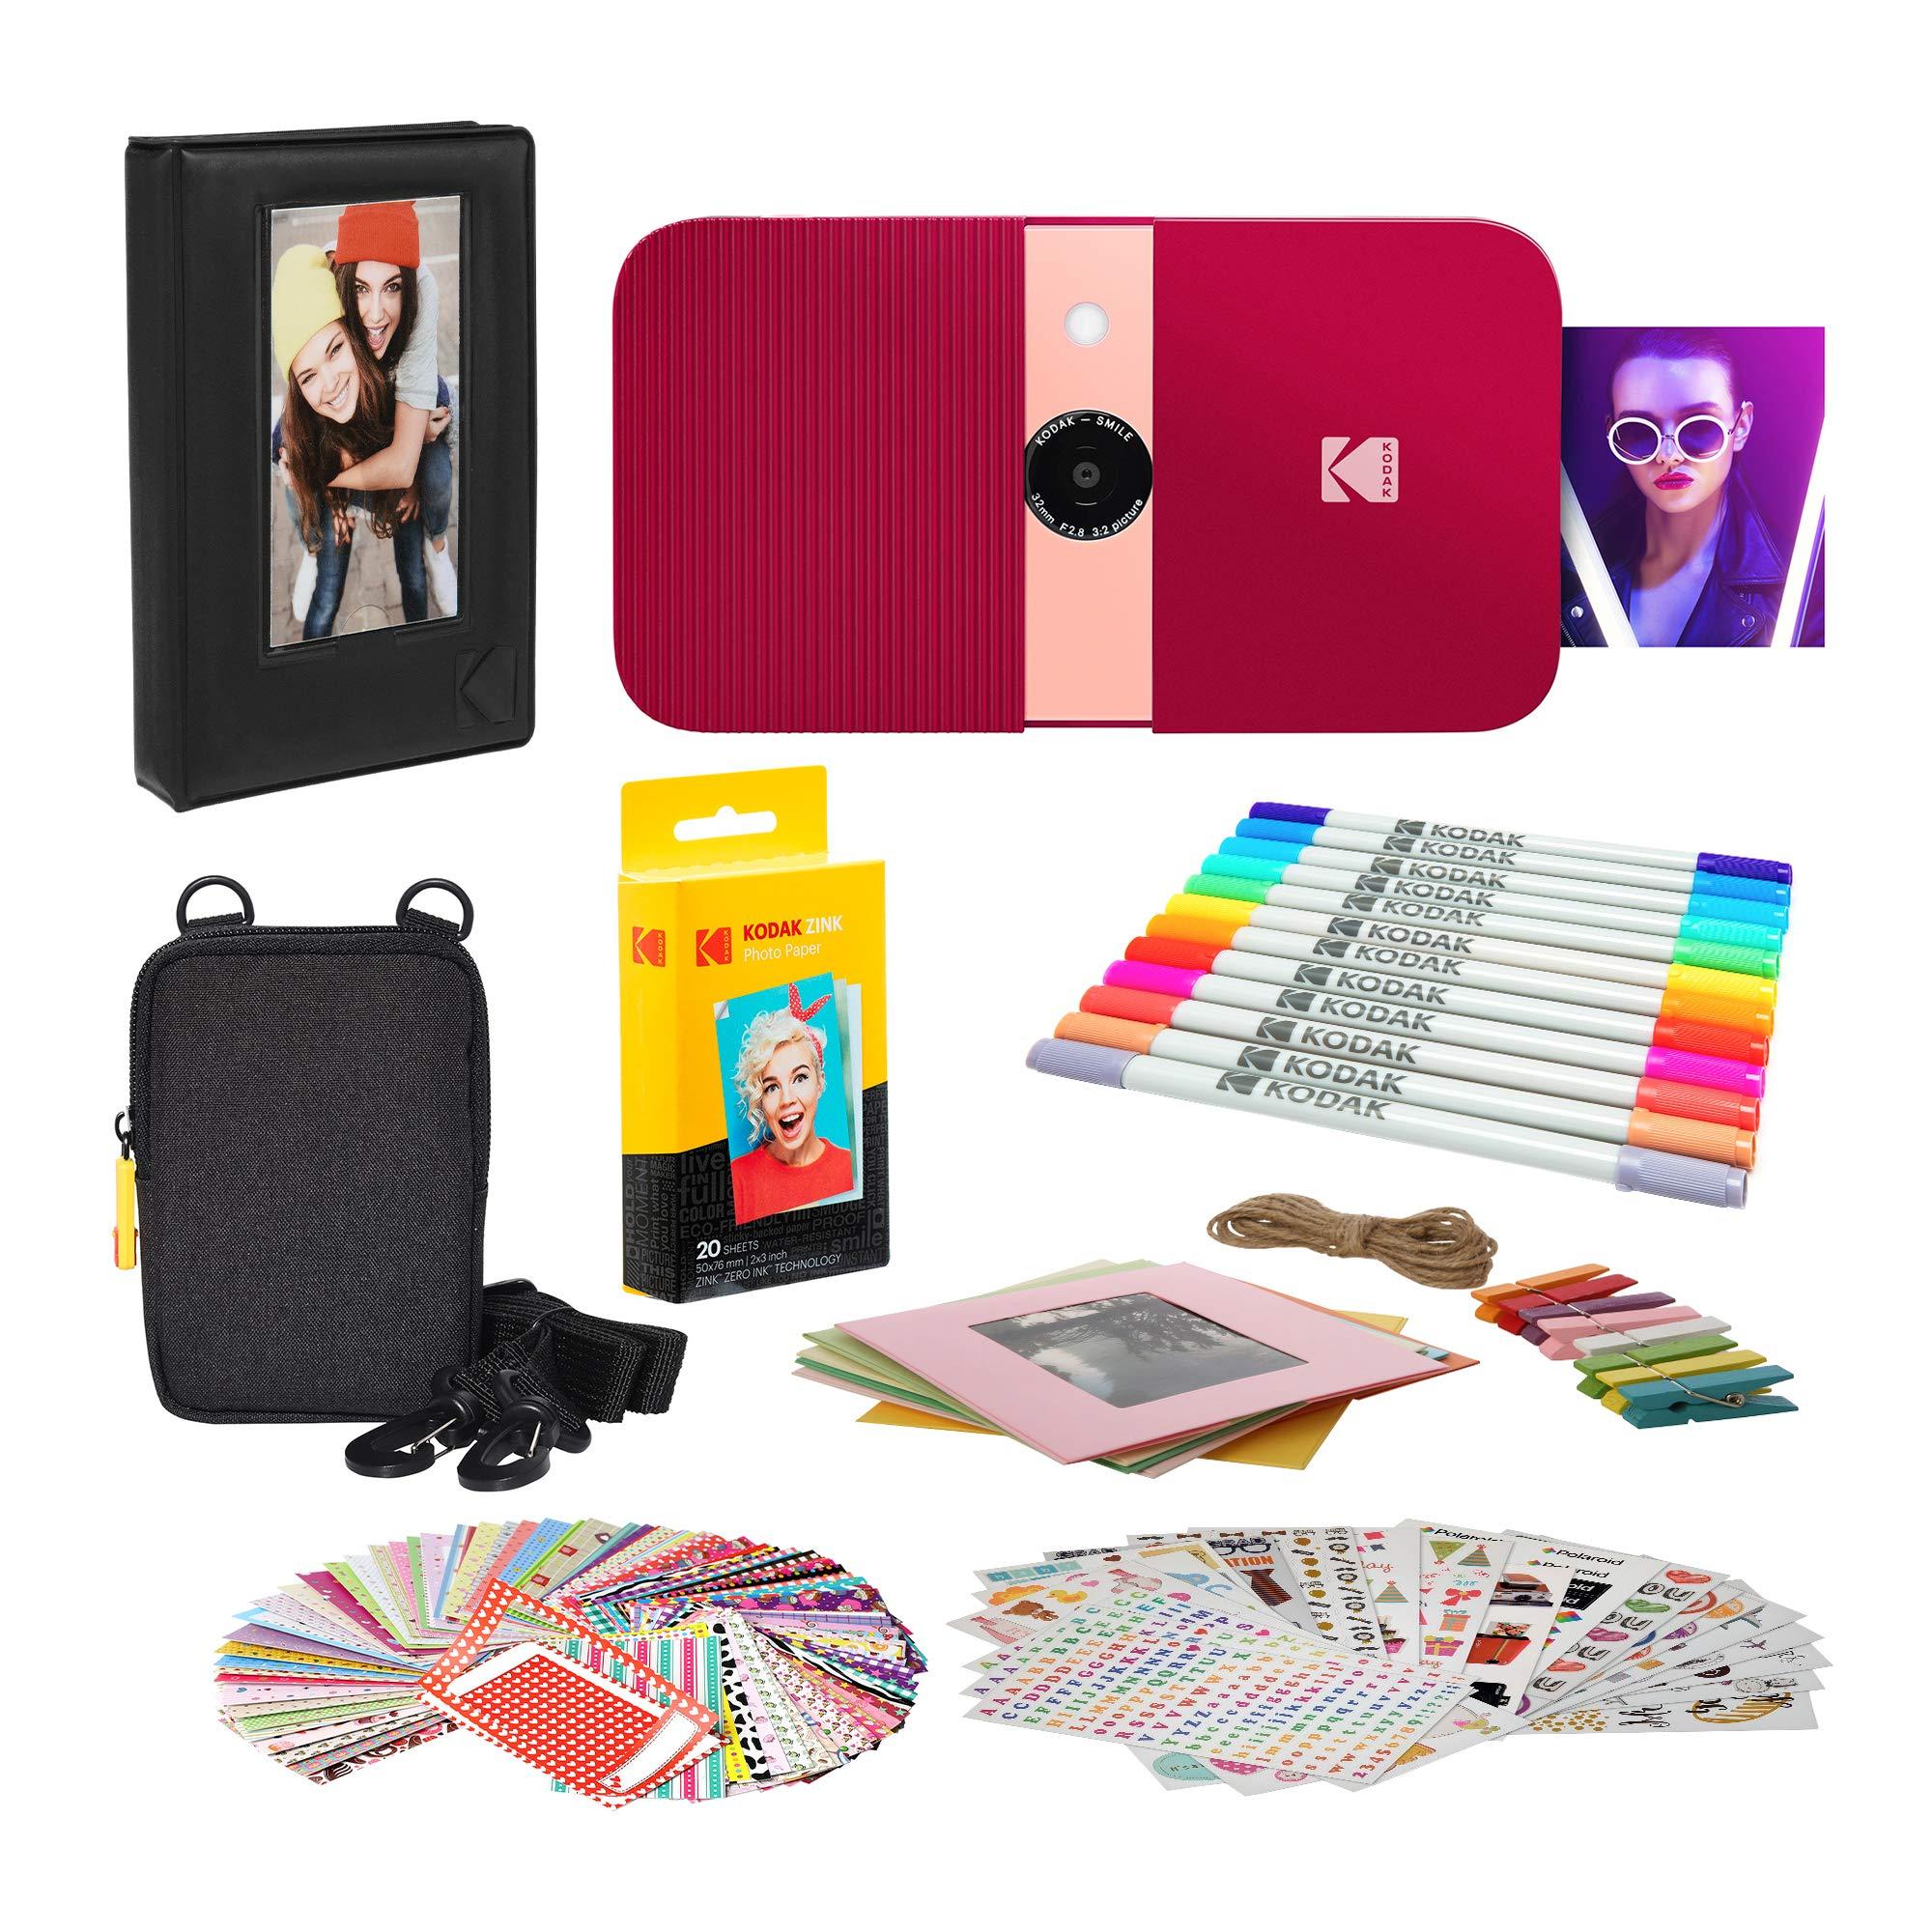 KODAK Smile Impresora Digital instantánea (Rojo) Paquete de Marcos de Fotos con Estuche Blando: Amazon.es: Electrónica